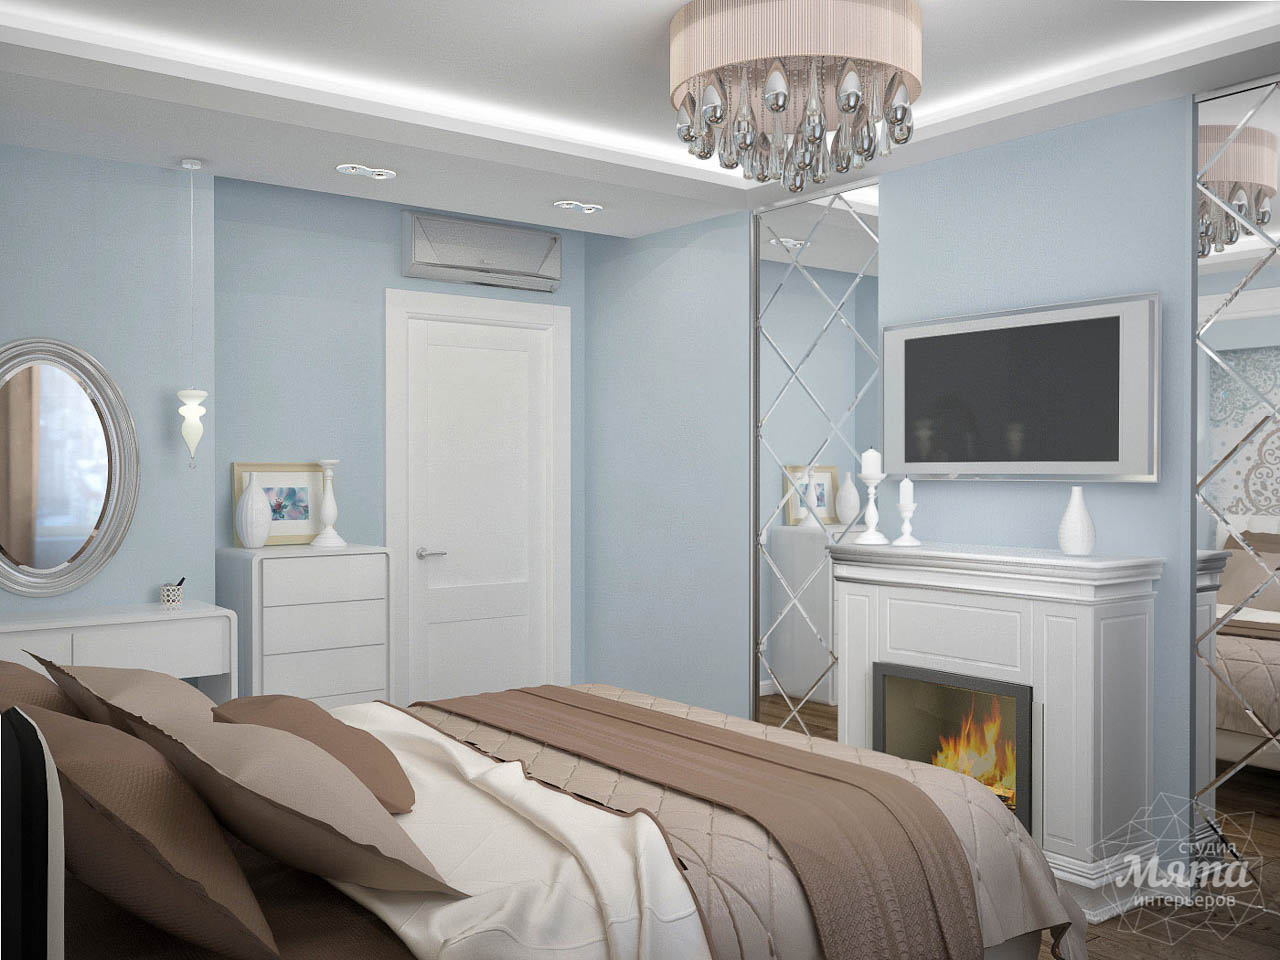 Дизайн интерьера и ремонт трехкомнатной квартиры по ул. Фучика 9 img1221448416